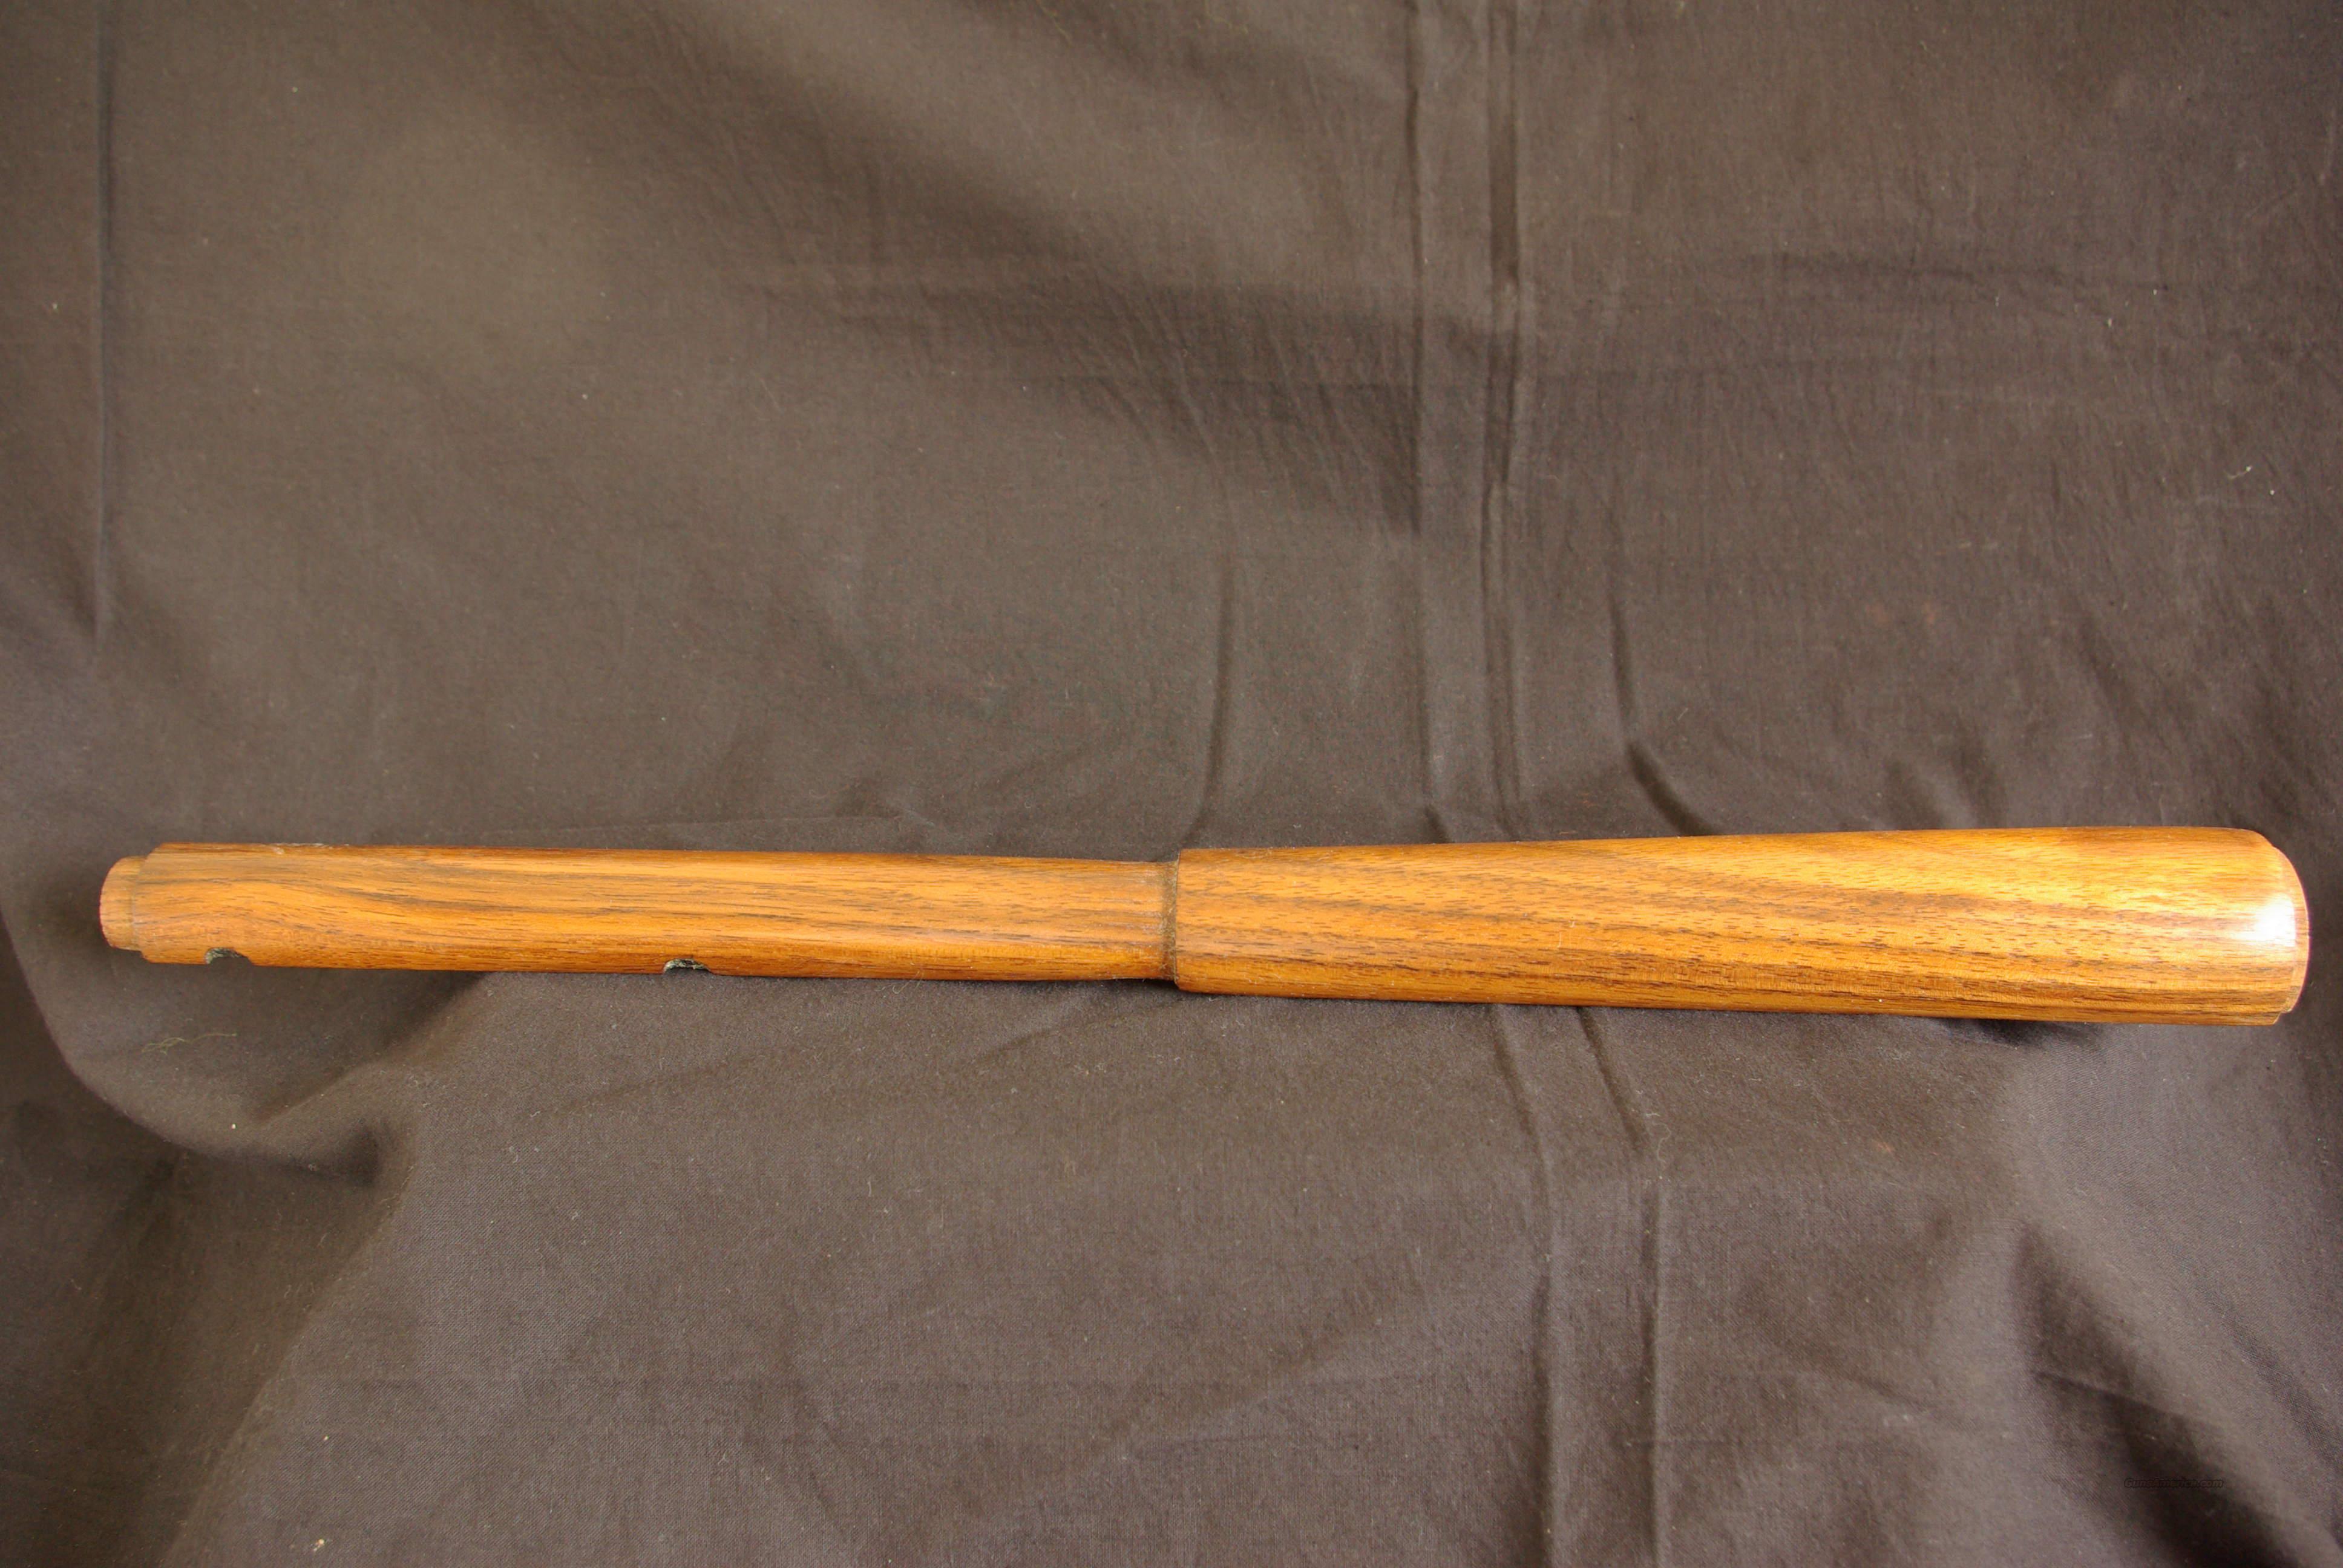 Springfield 1903/A3 1903-A3 Walnut Handguard  Non-Guns > Gunstocks, Grips & Wood